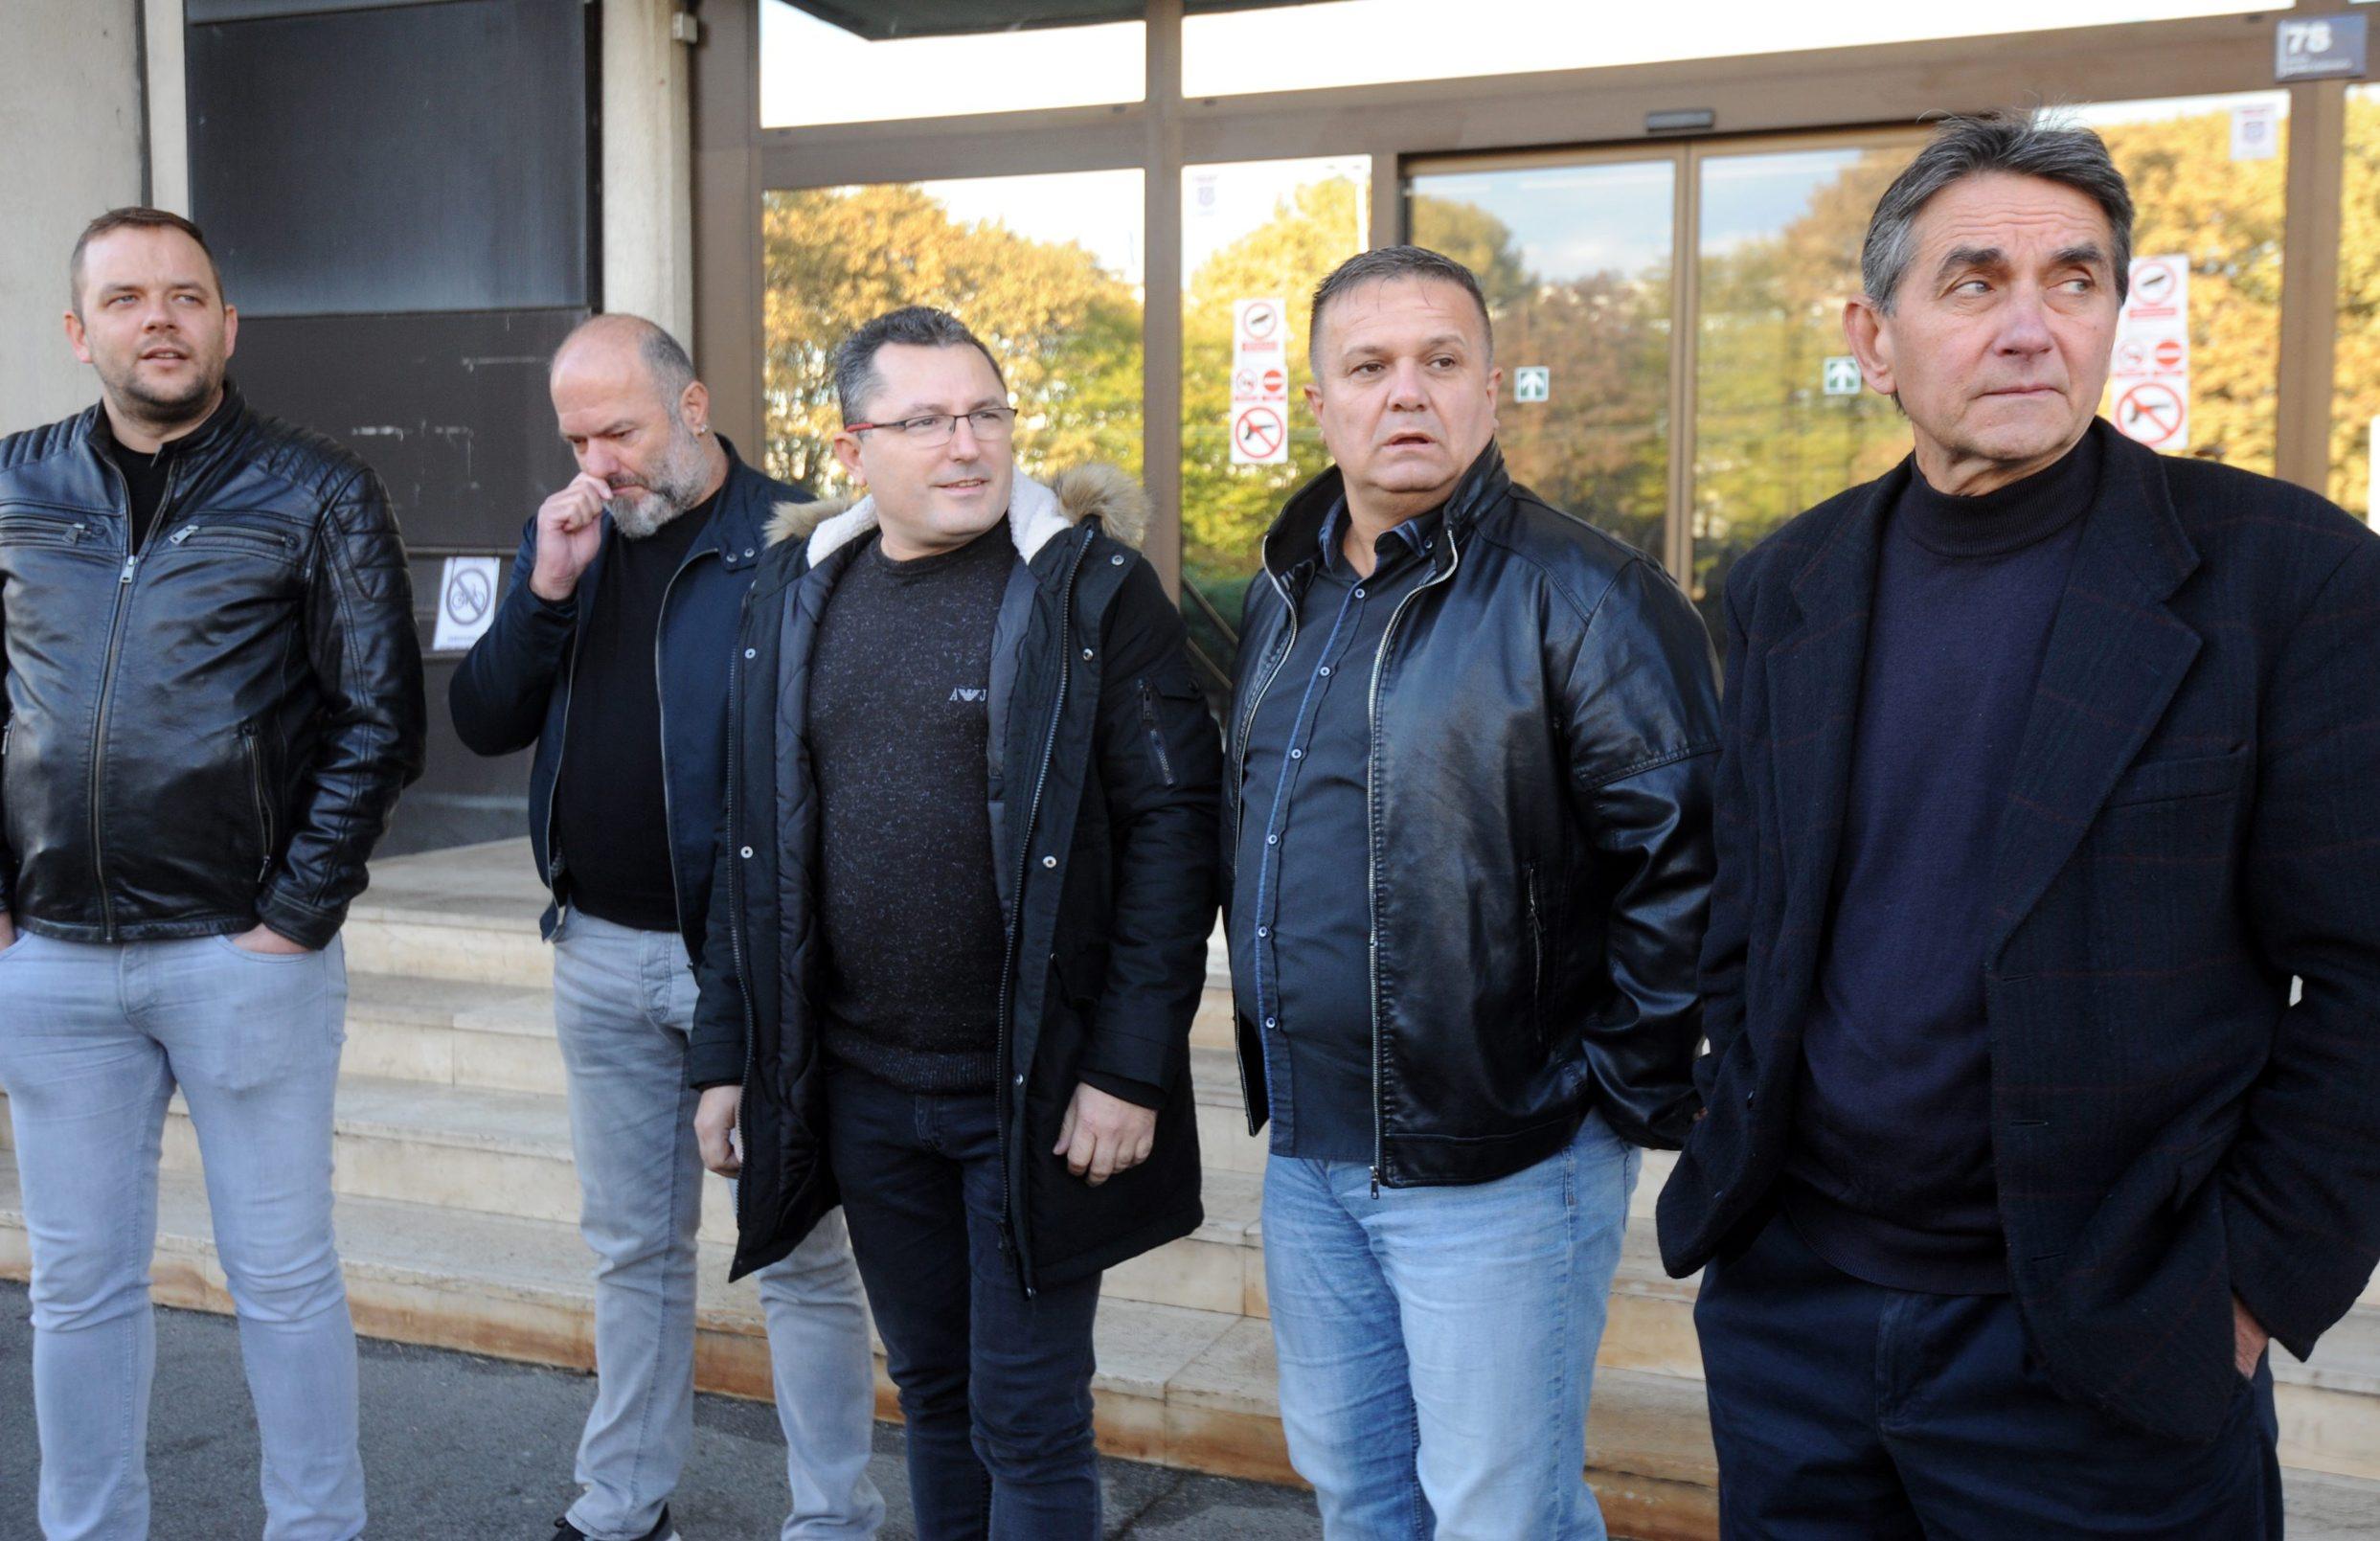 Sebastijan Svat, Slavomir Brkić, Tihomir Jaić, Mato Mlinarić, Stjepan Kunovec